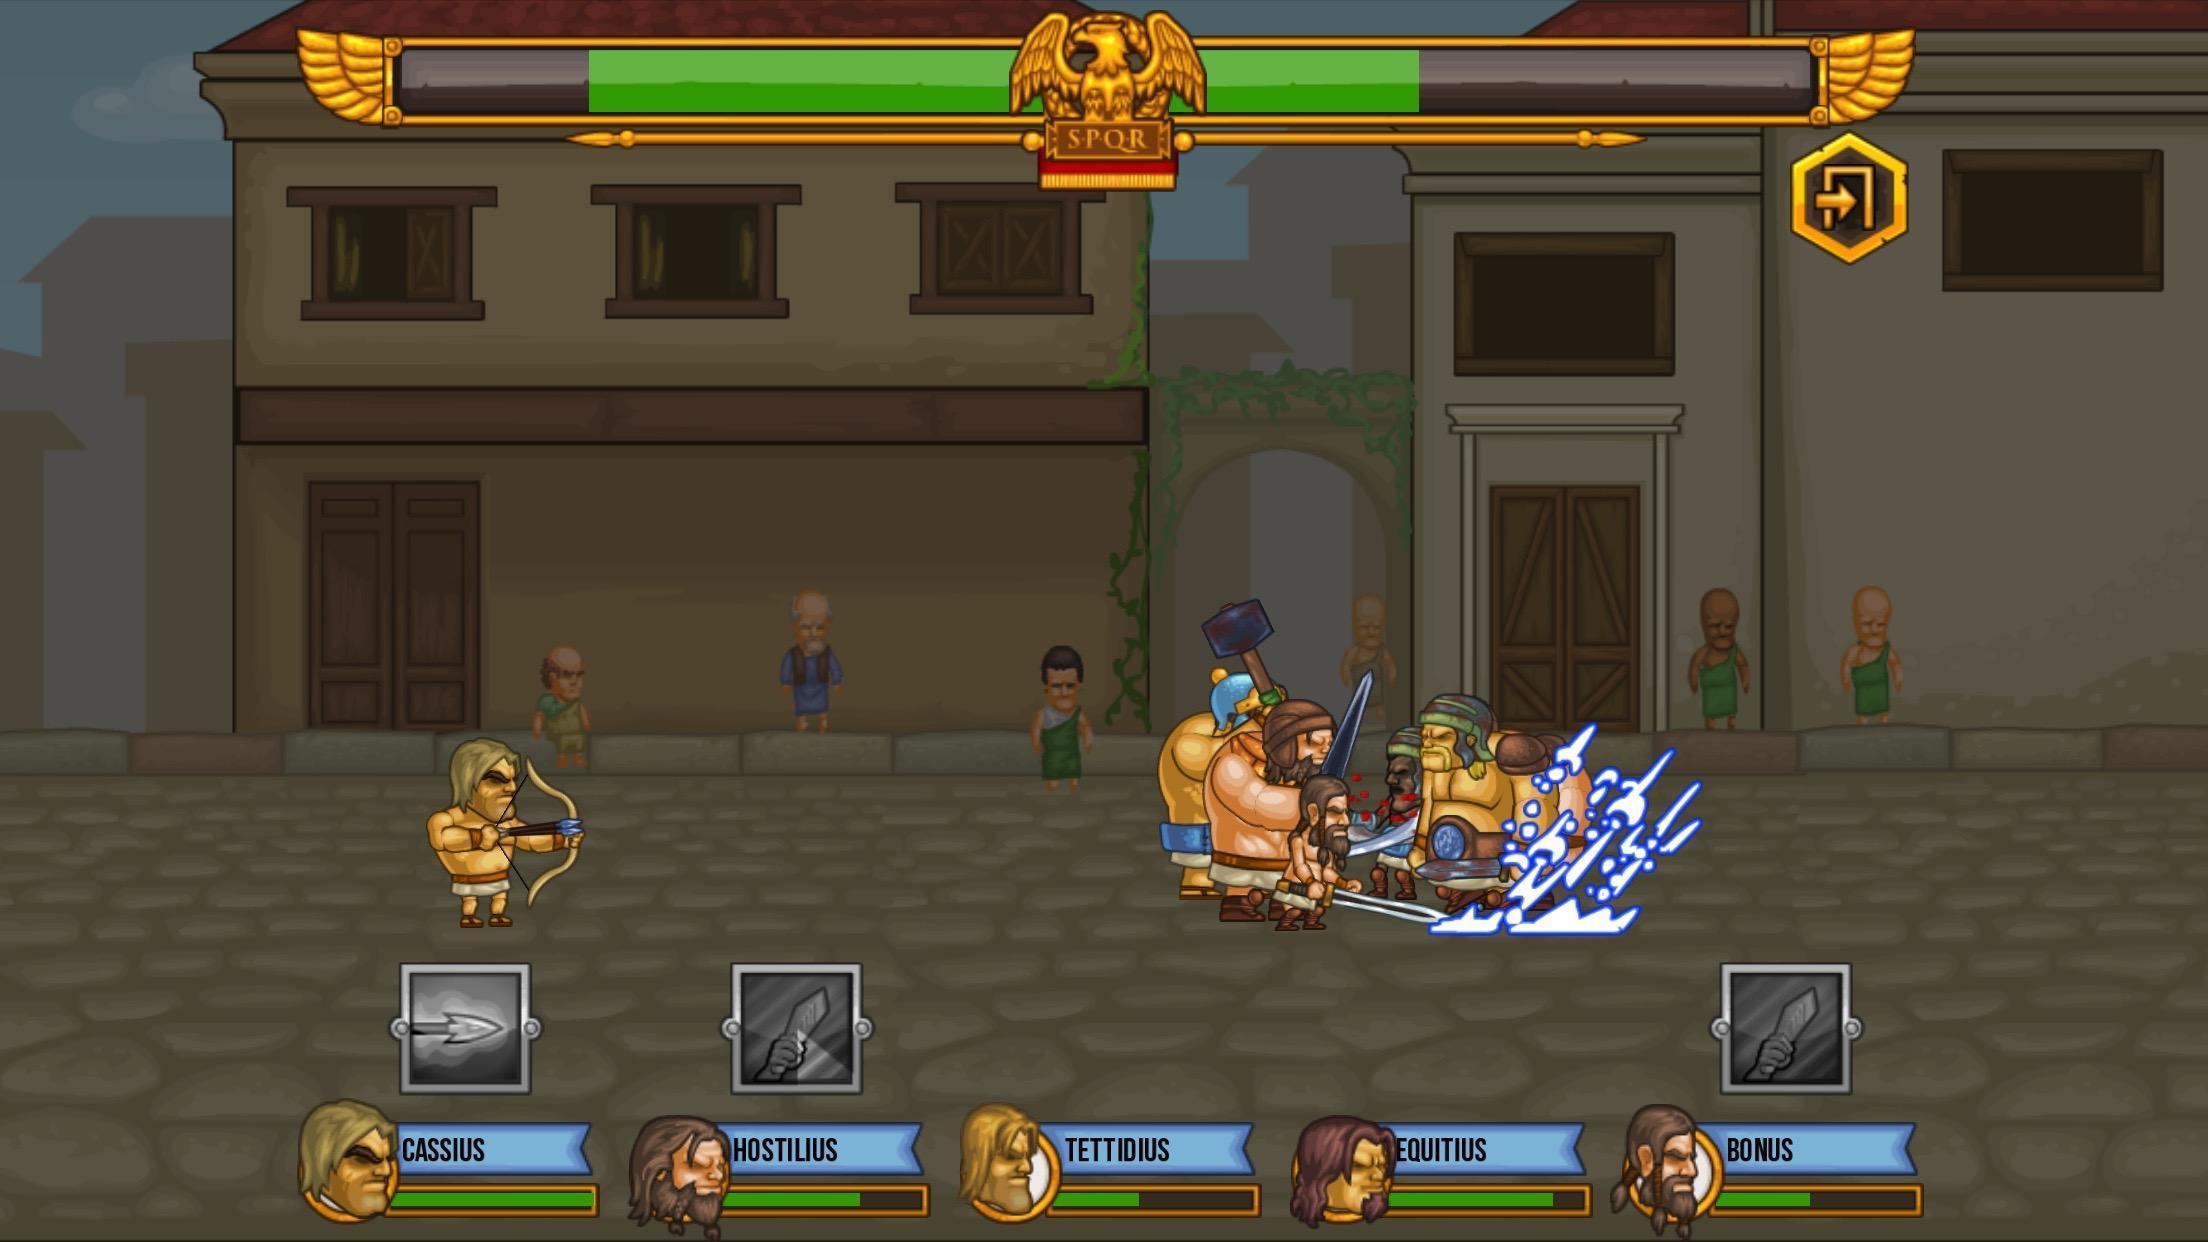 Deuses da Arena: Estratégia do Jogo para Android - APK Baixar